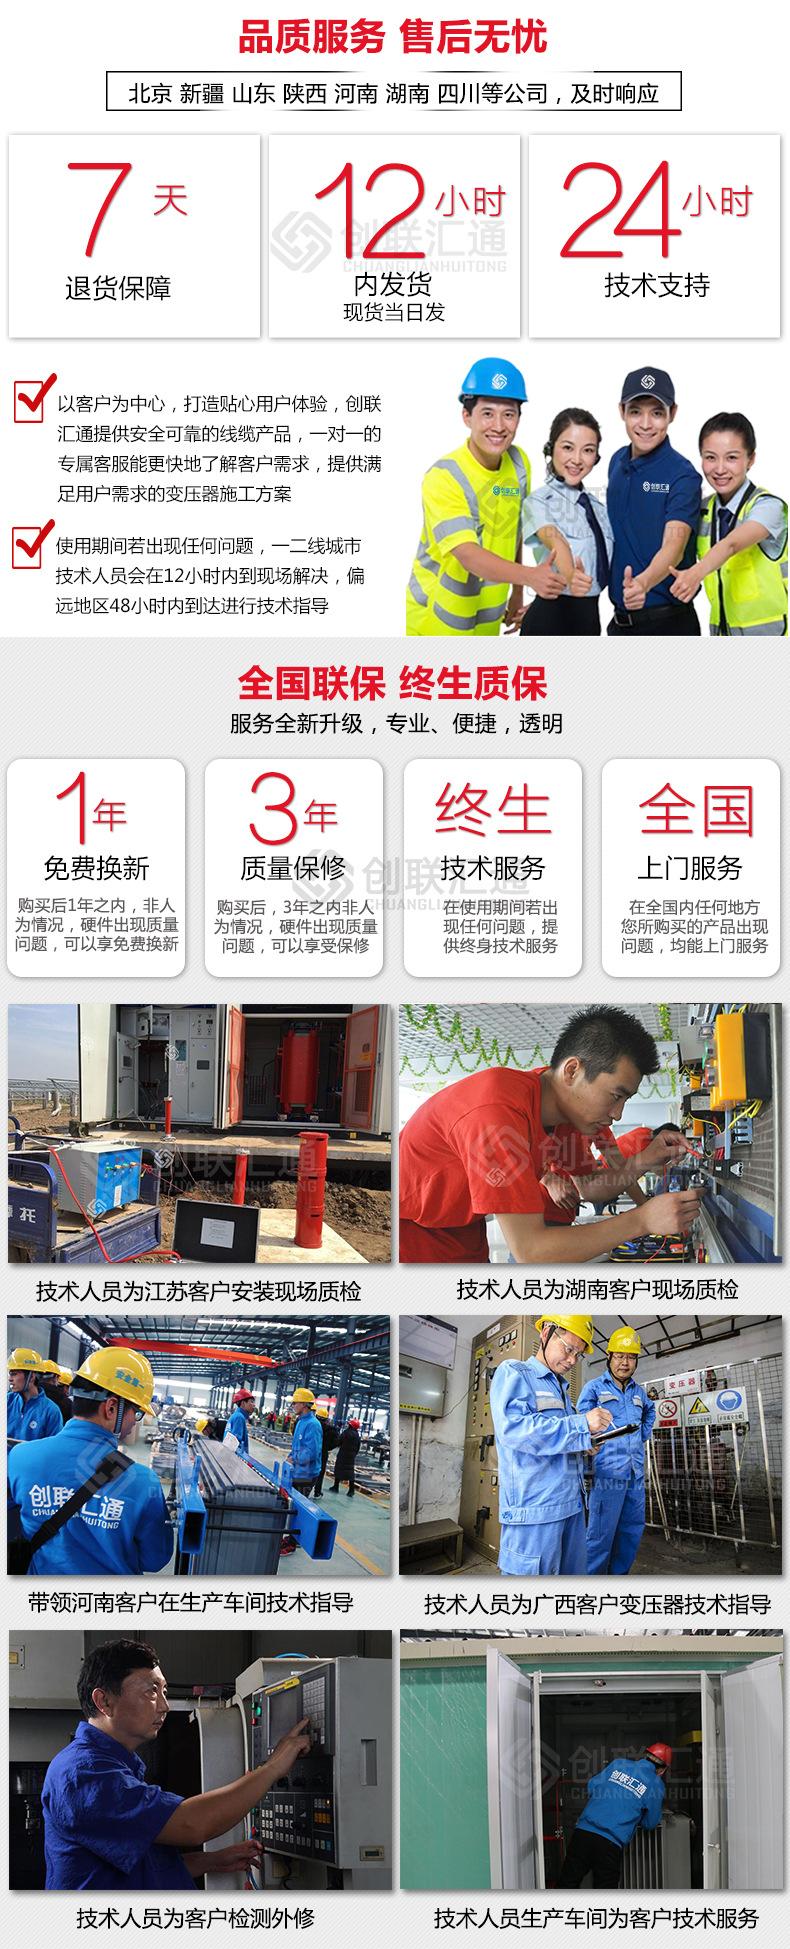 电力箱式变压器 630kva 箱变 户外成套电力箱式变压器生产厂家-创联汇通示例图10